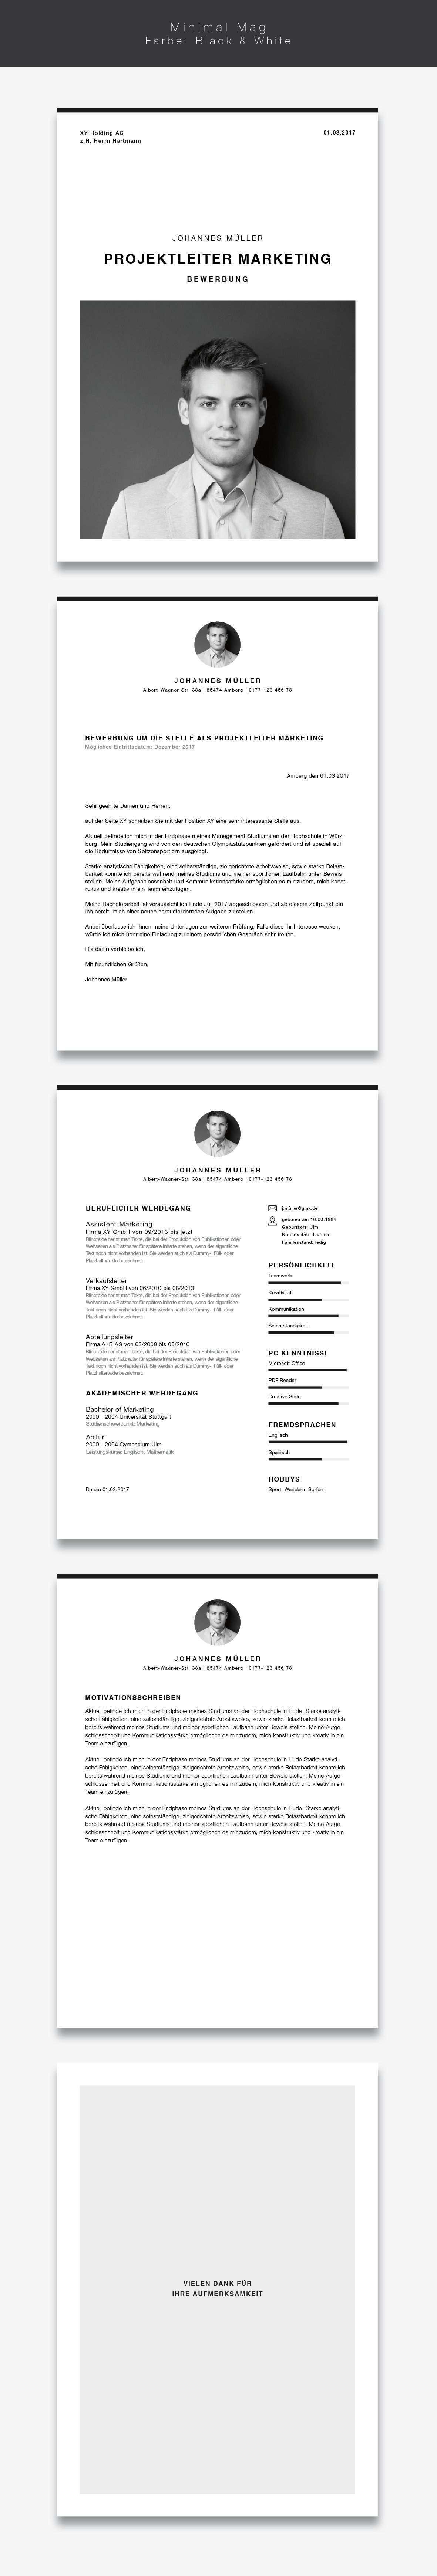 Bewerbungsvorlage Lebenslauf Minimal Mag Lebenslauf Design Lebenslauf Kreativer Lebenslauf